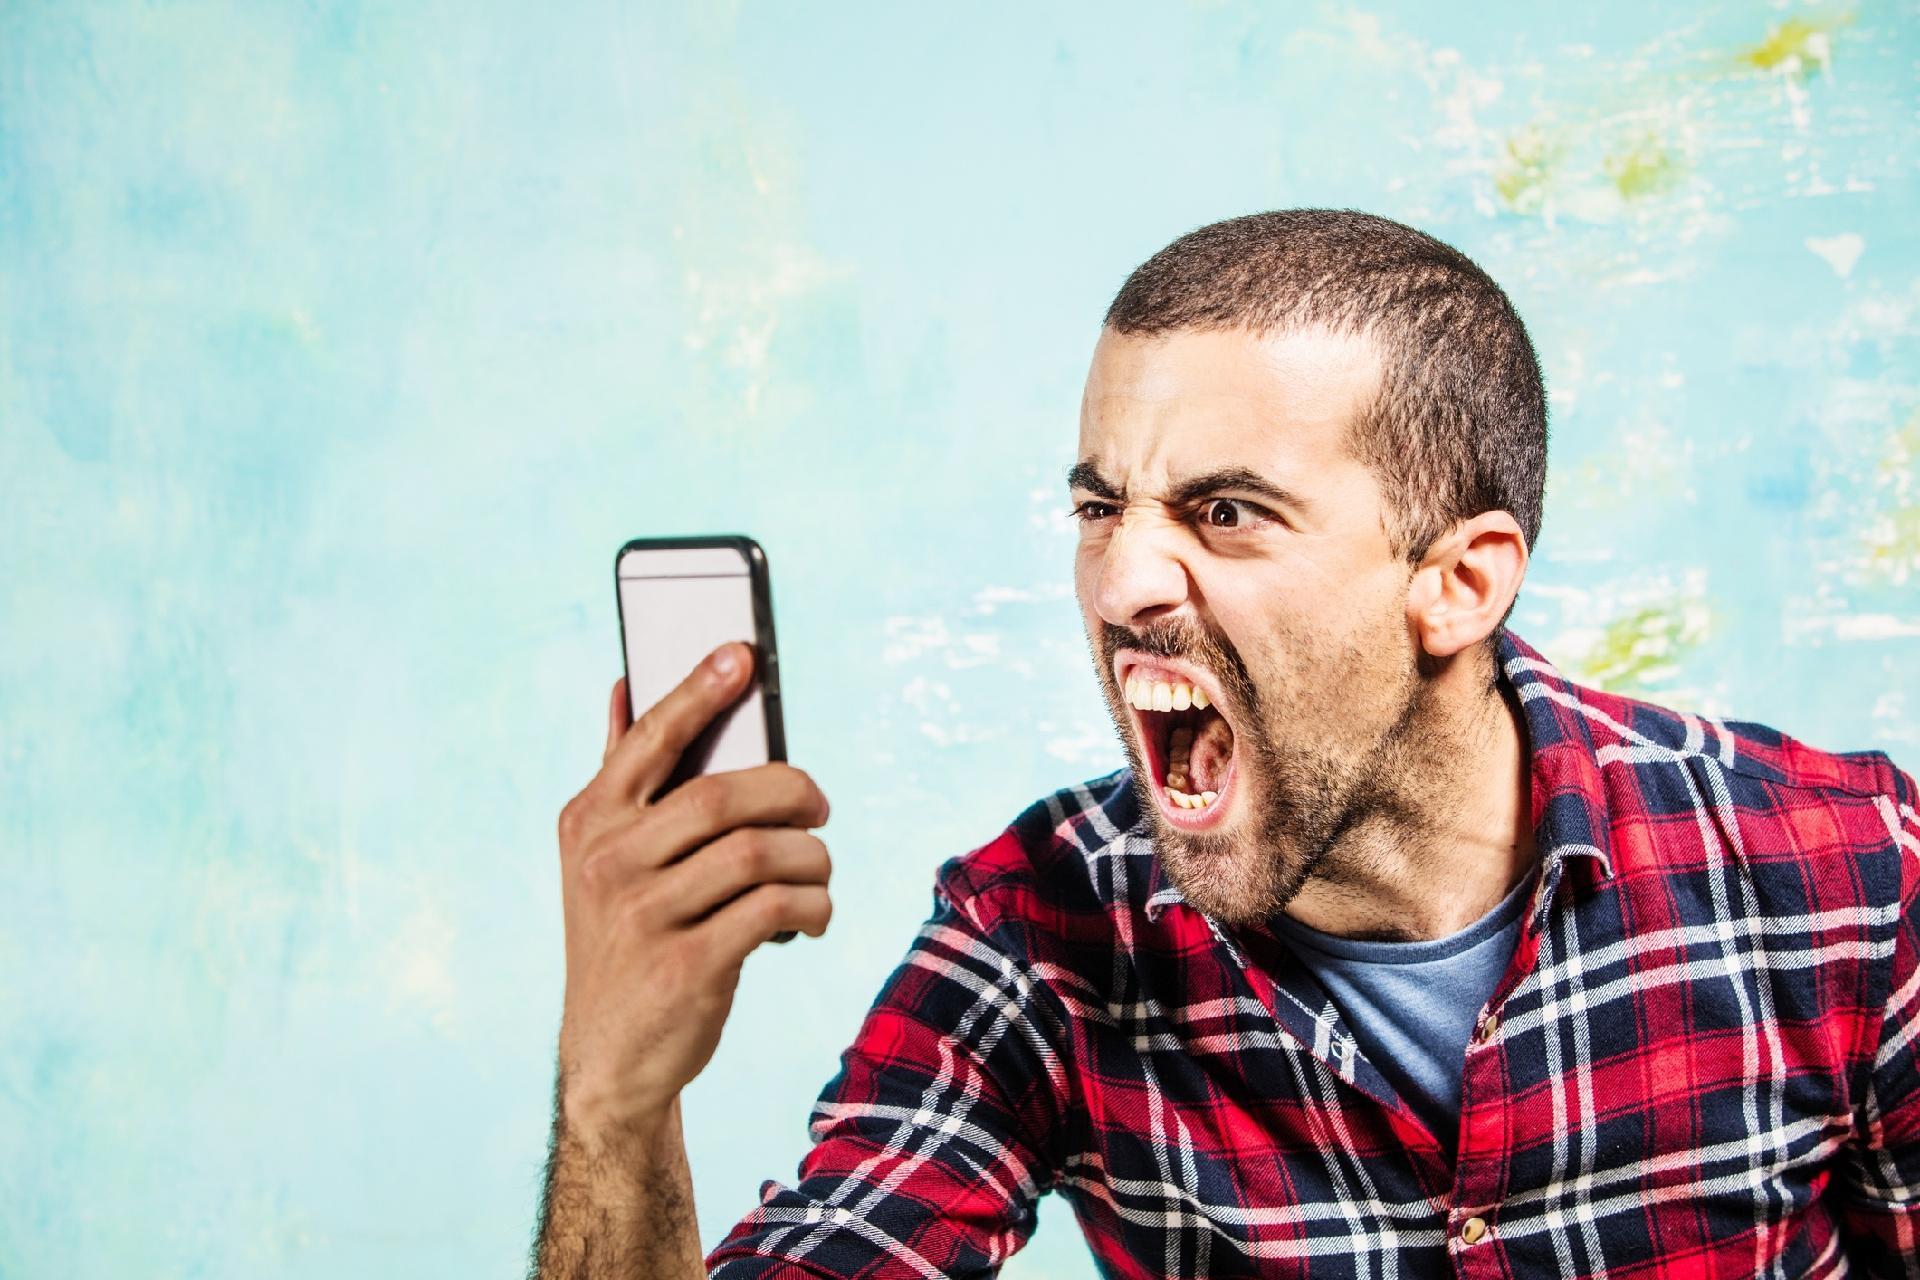 homem-gritando-com-o-celular-1490206779109_v2_1920x1280.jpg